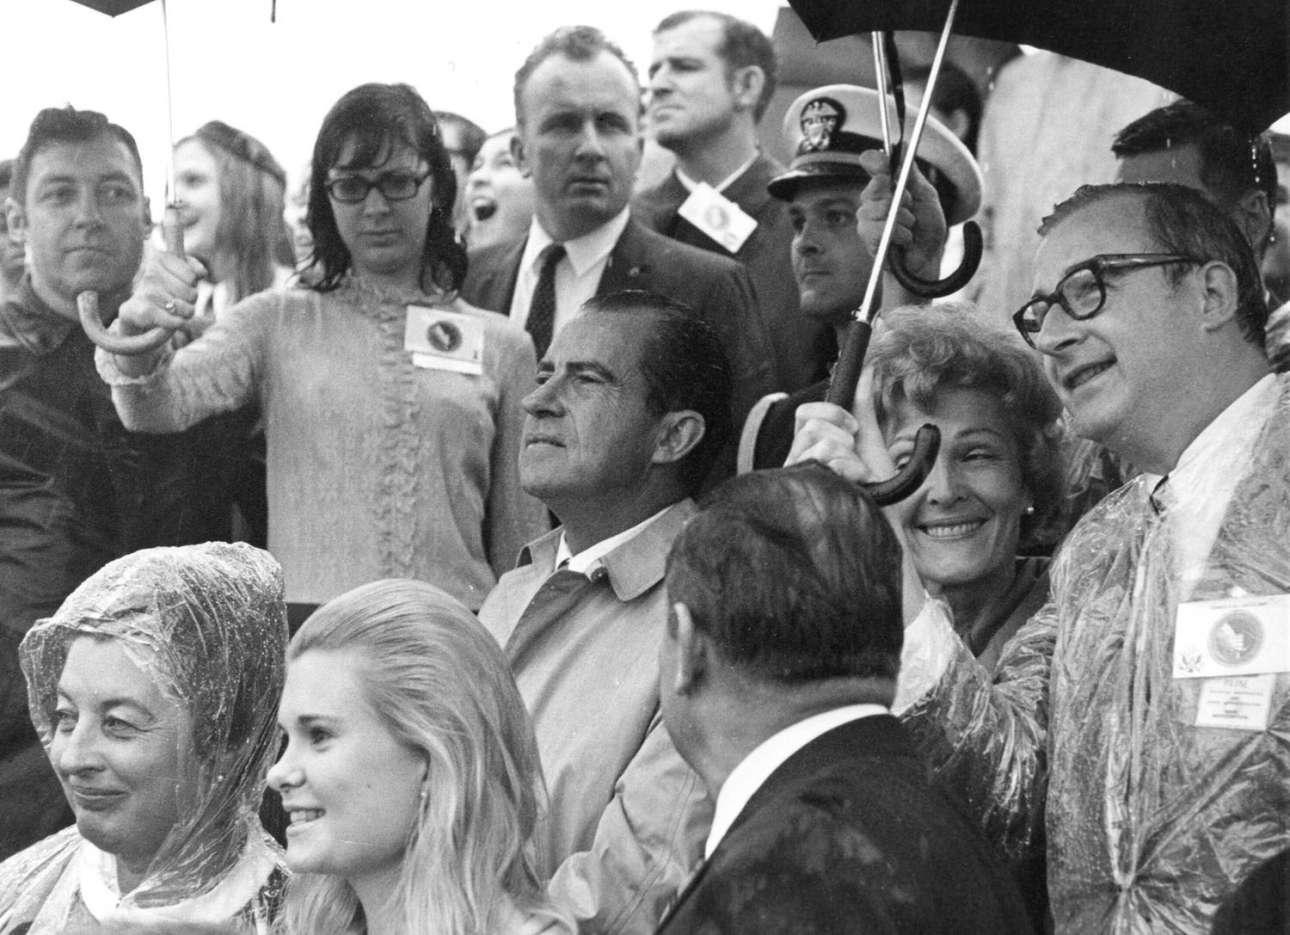 O πρόεδρος Νίξον παρακολουθεί ενώ ο διευθυντής της NASA Τόμας Πέιν προστατεύει από τη βροχή με την ομπρέλα του την πρώτη κυρία Πατ Νίξον και την κόρη της Τρίσια (η ξανθιά μπροστά), που παρακολουθούν τις δραστηριότητες προεκτόξευσης του Apollo 12